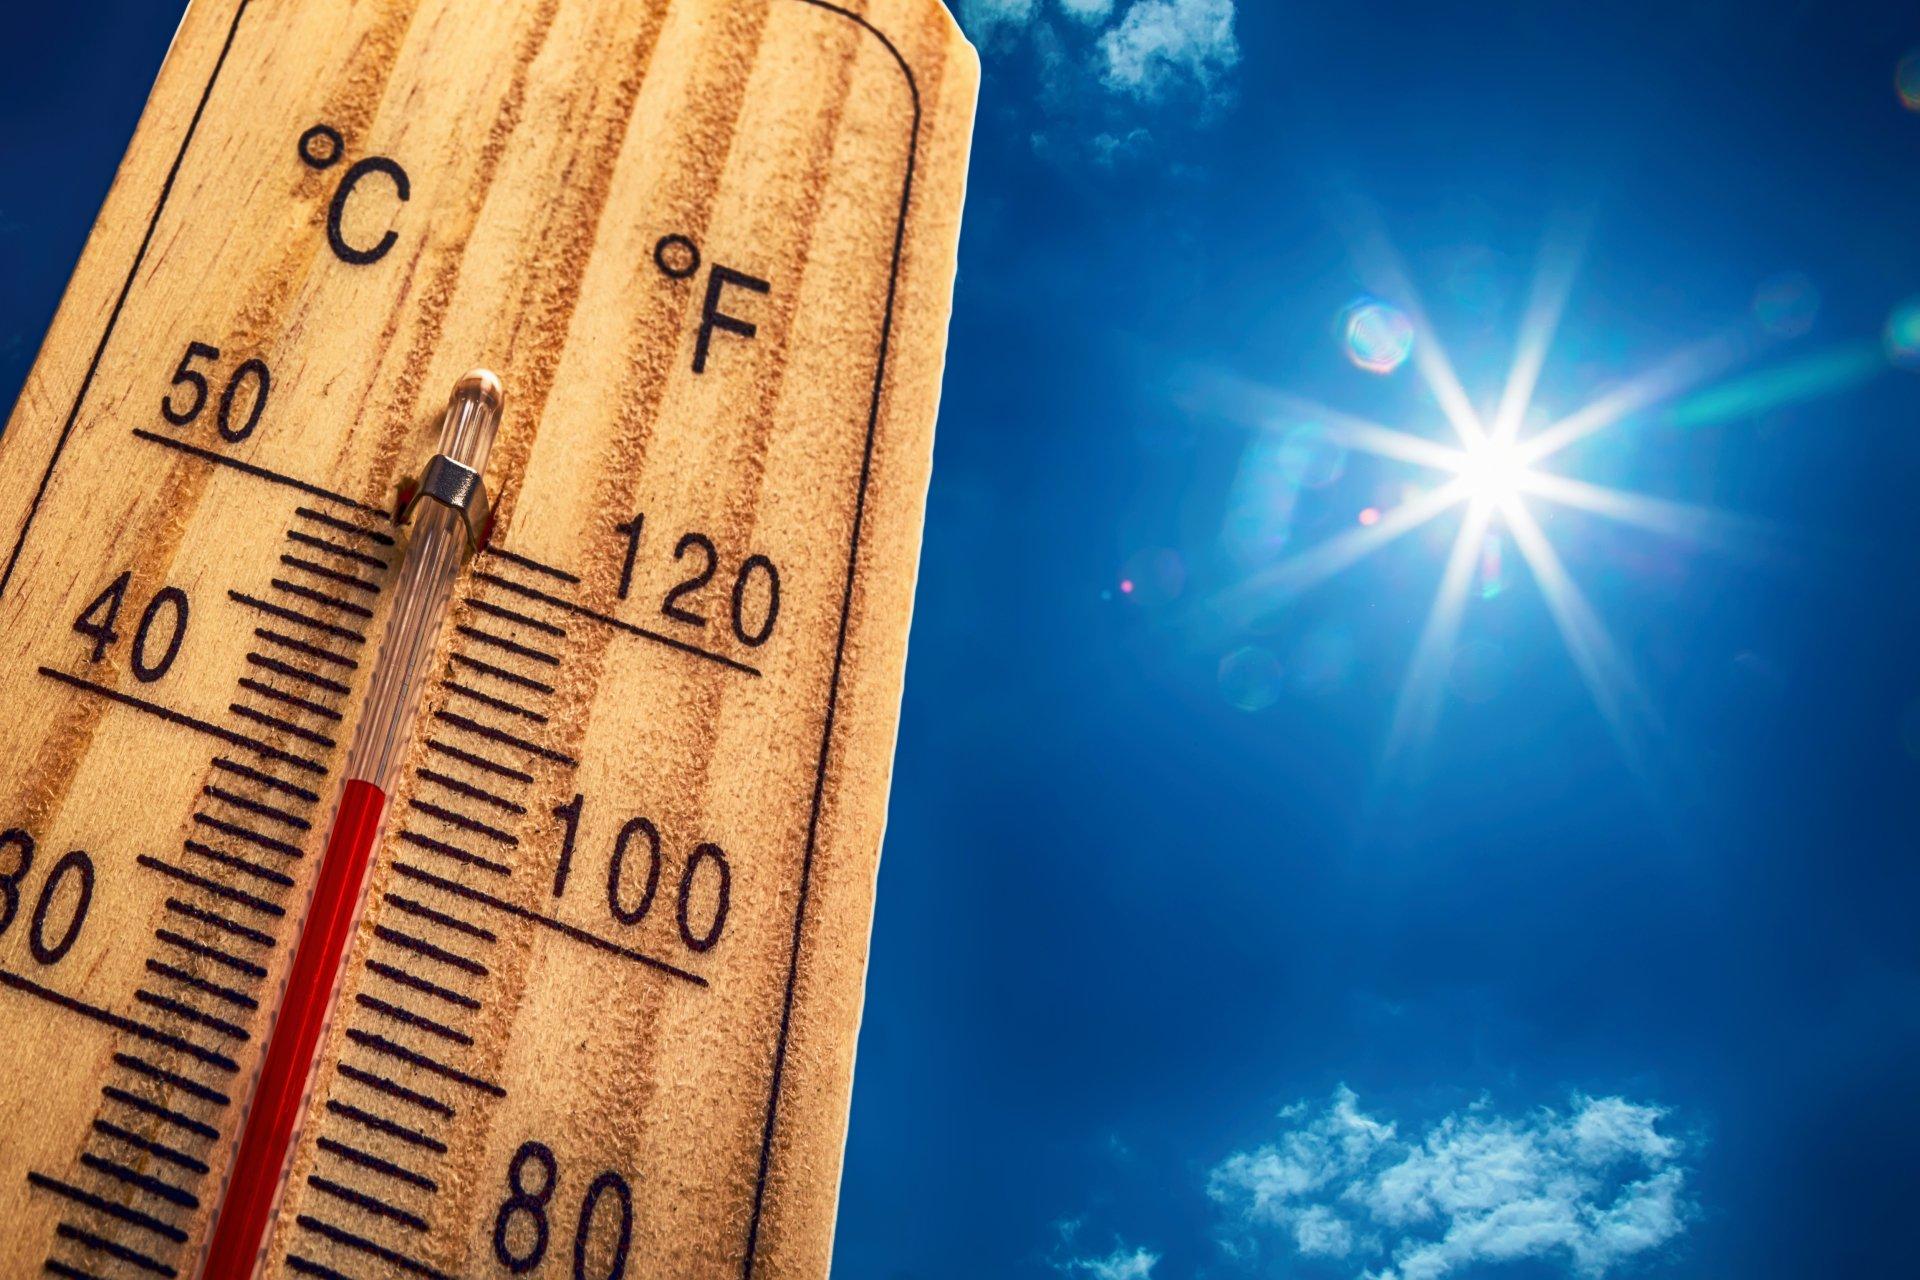 В Тверской области погода повысит градус: прогноз на неделю